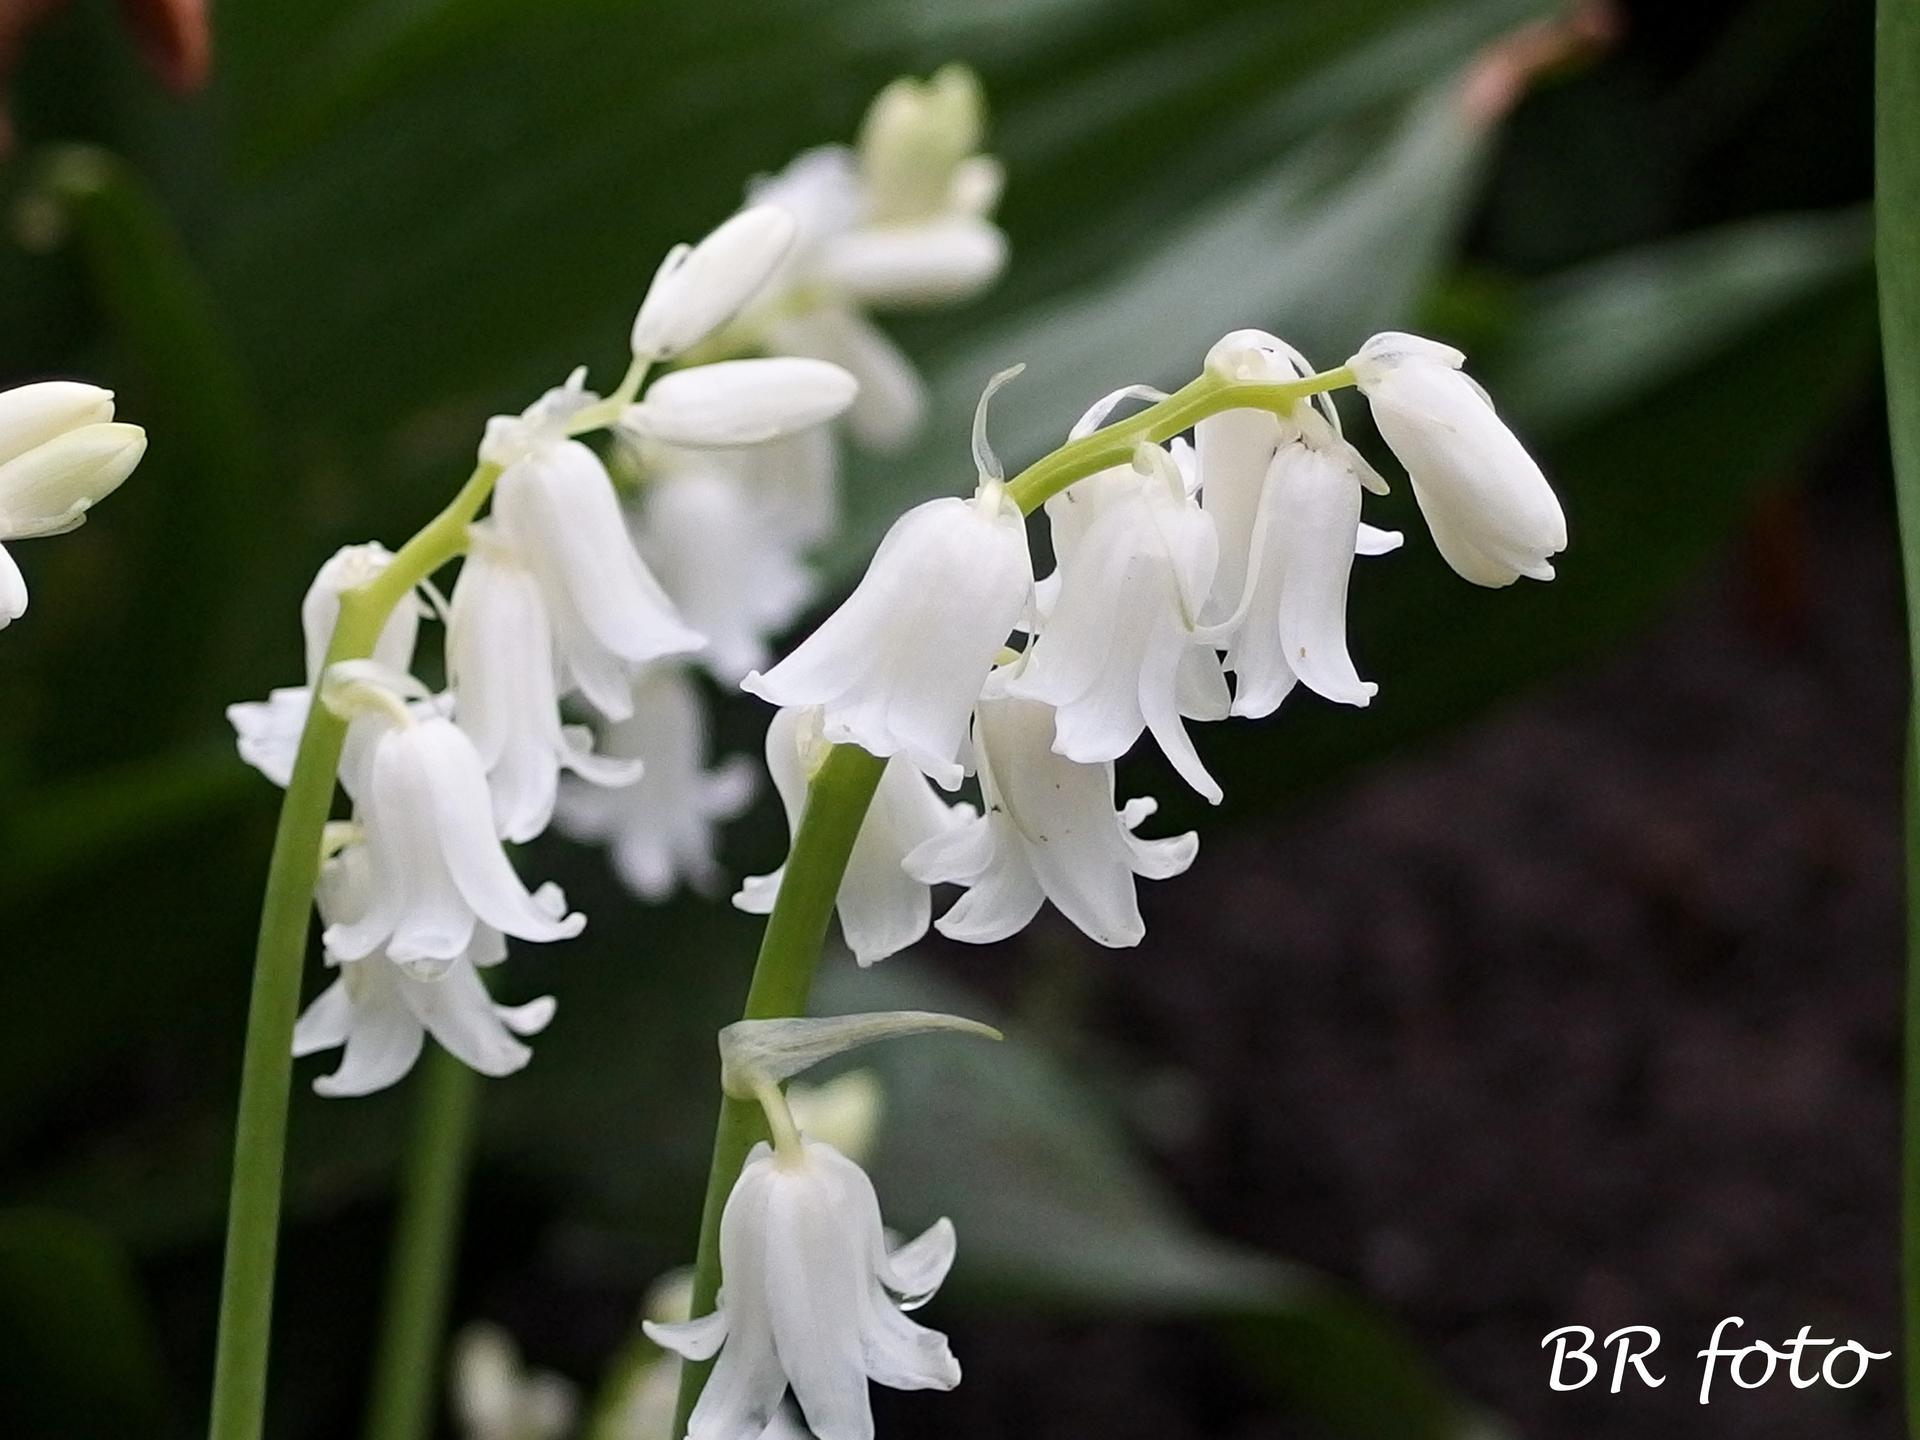 Pozvání do zahrady 2021 - bílý hyacintovec - na první pohled vypadá jako konvalinka